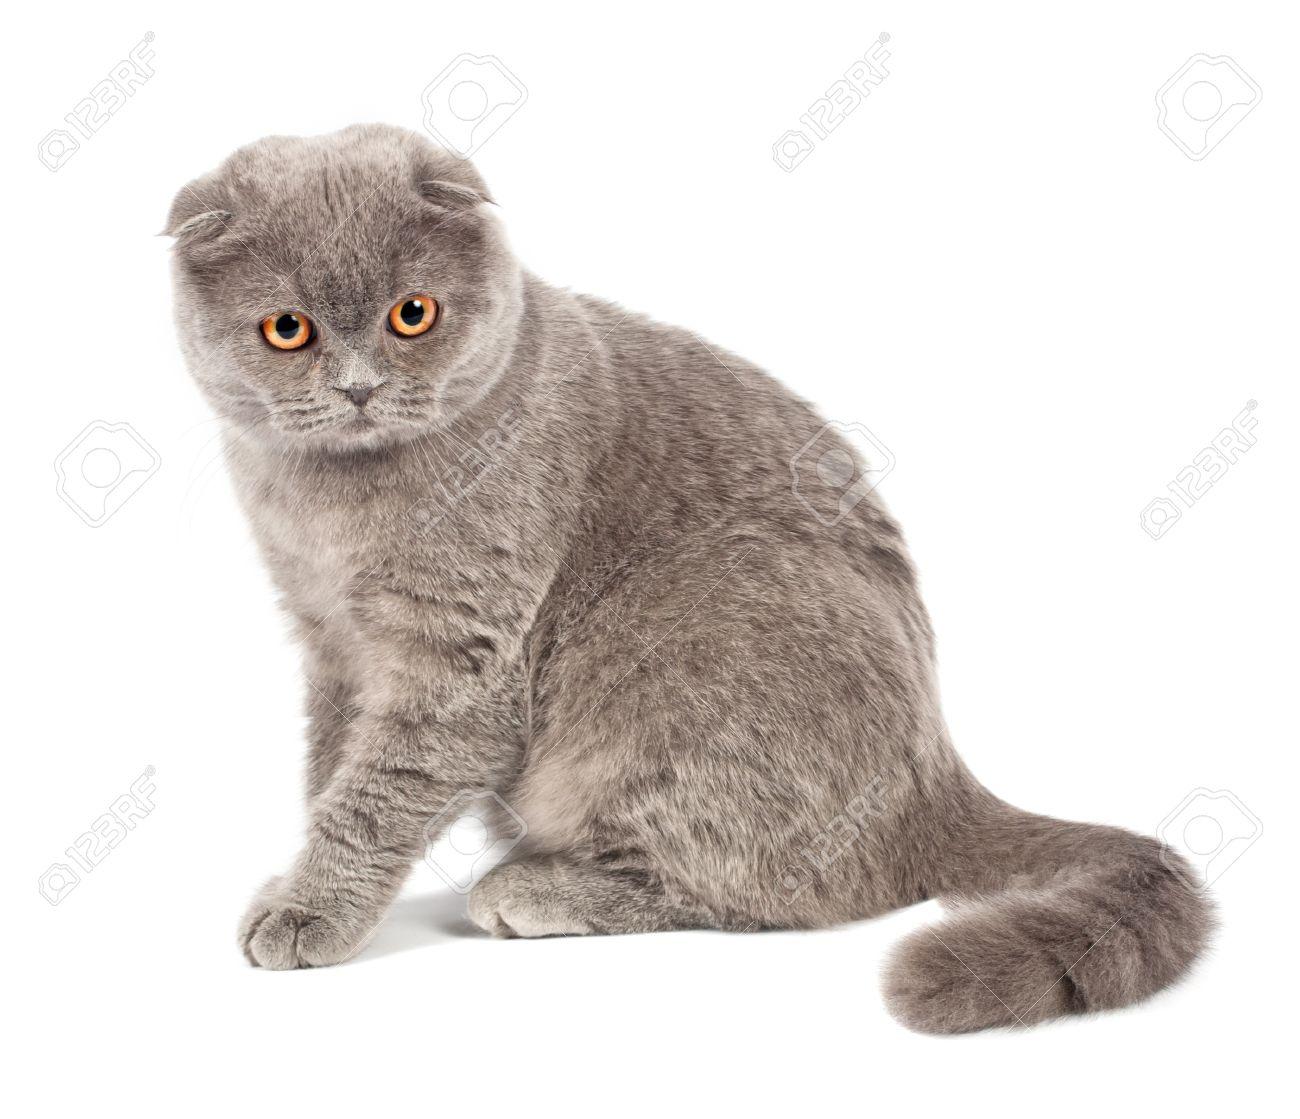 Scottish fold cat grey on white background Stock Photo - 9700830